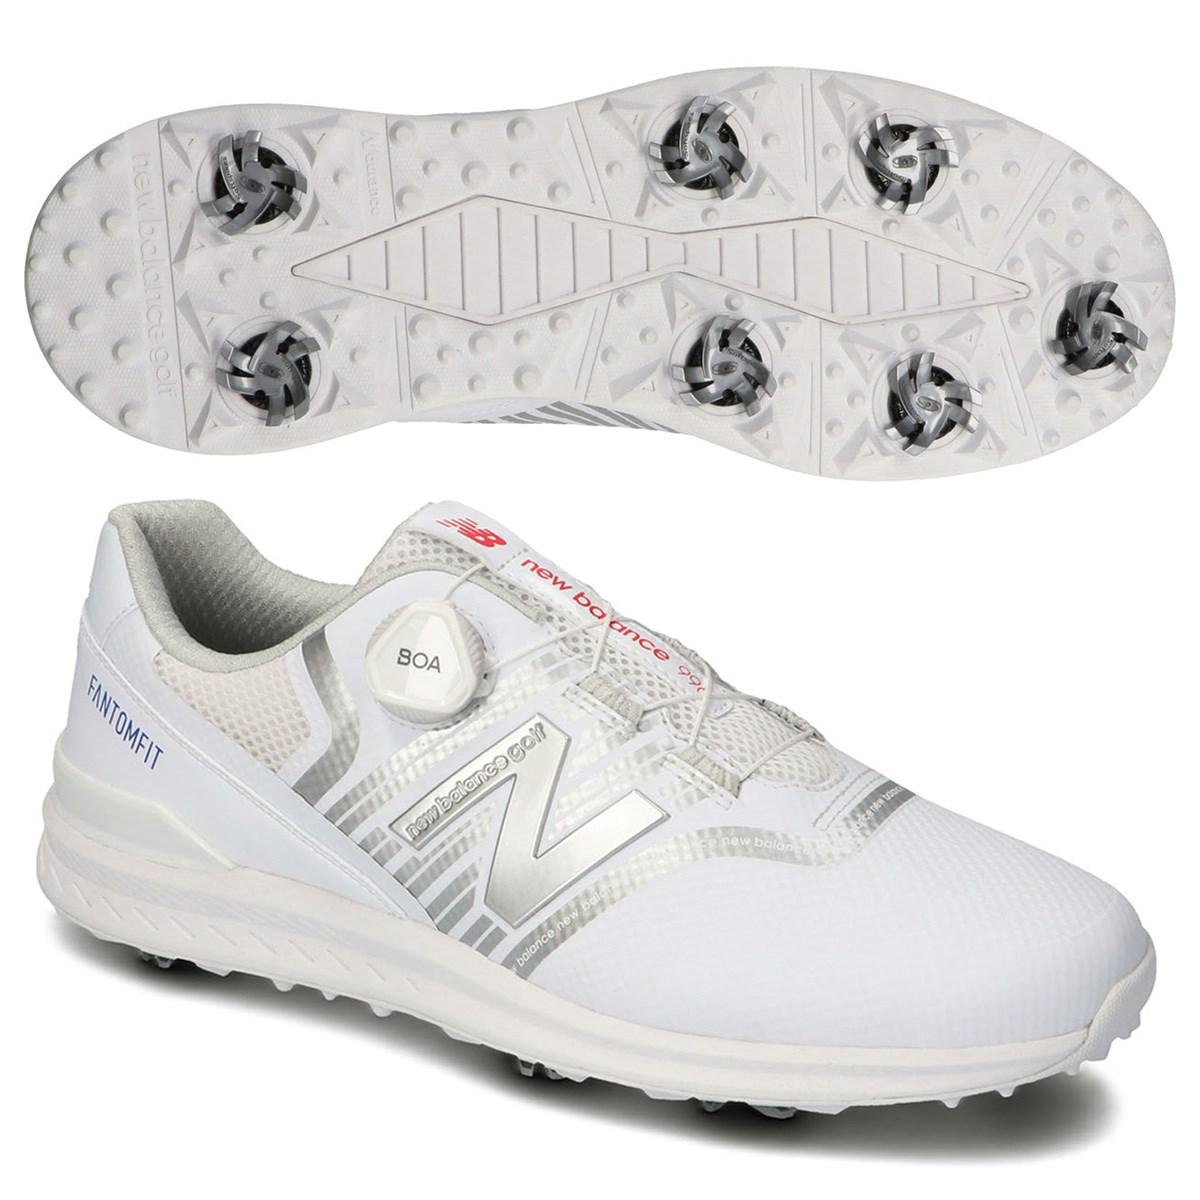 ニューバランス New Balance FANTOMFIT996 BOA シューズ UGBF996 26.5cm ホワイト